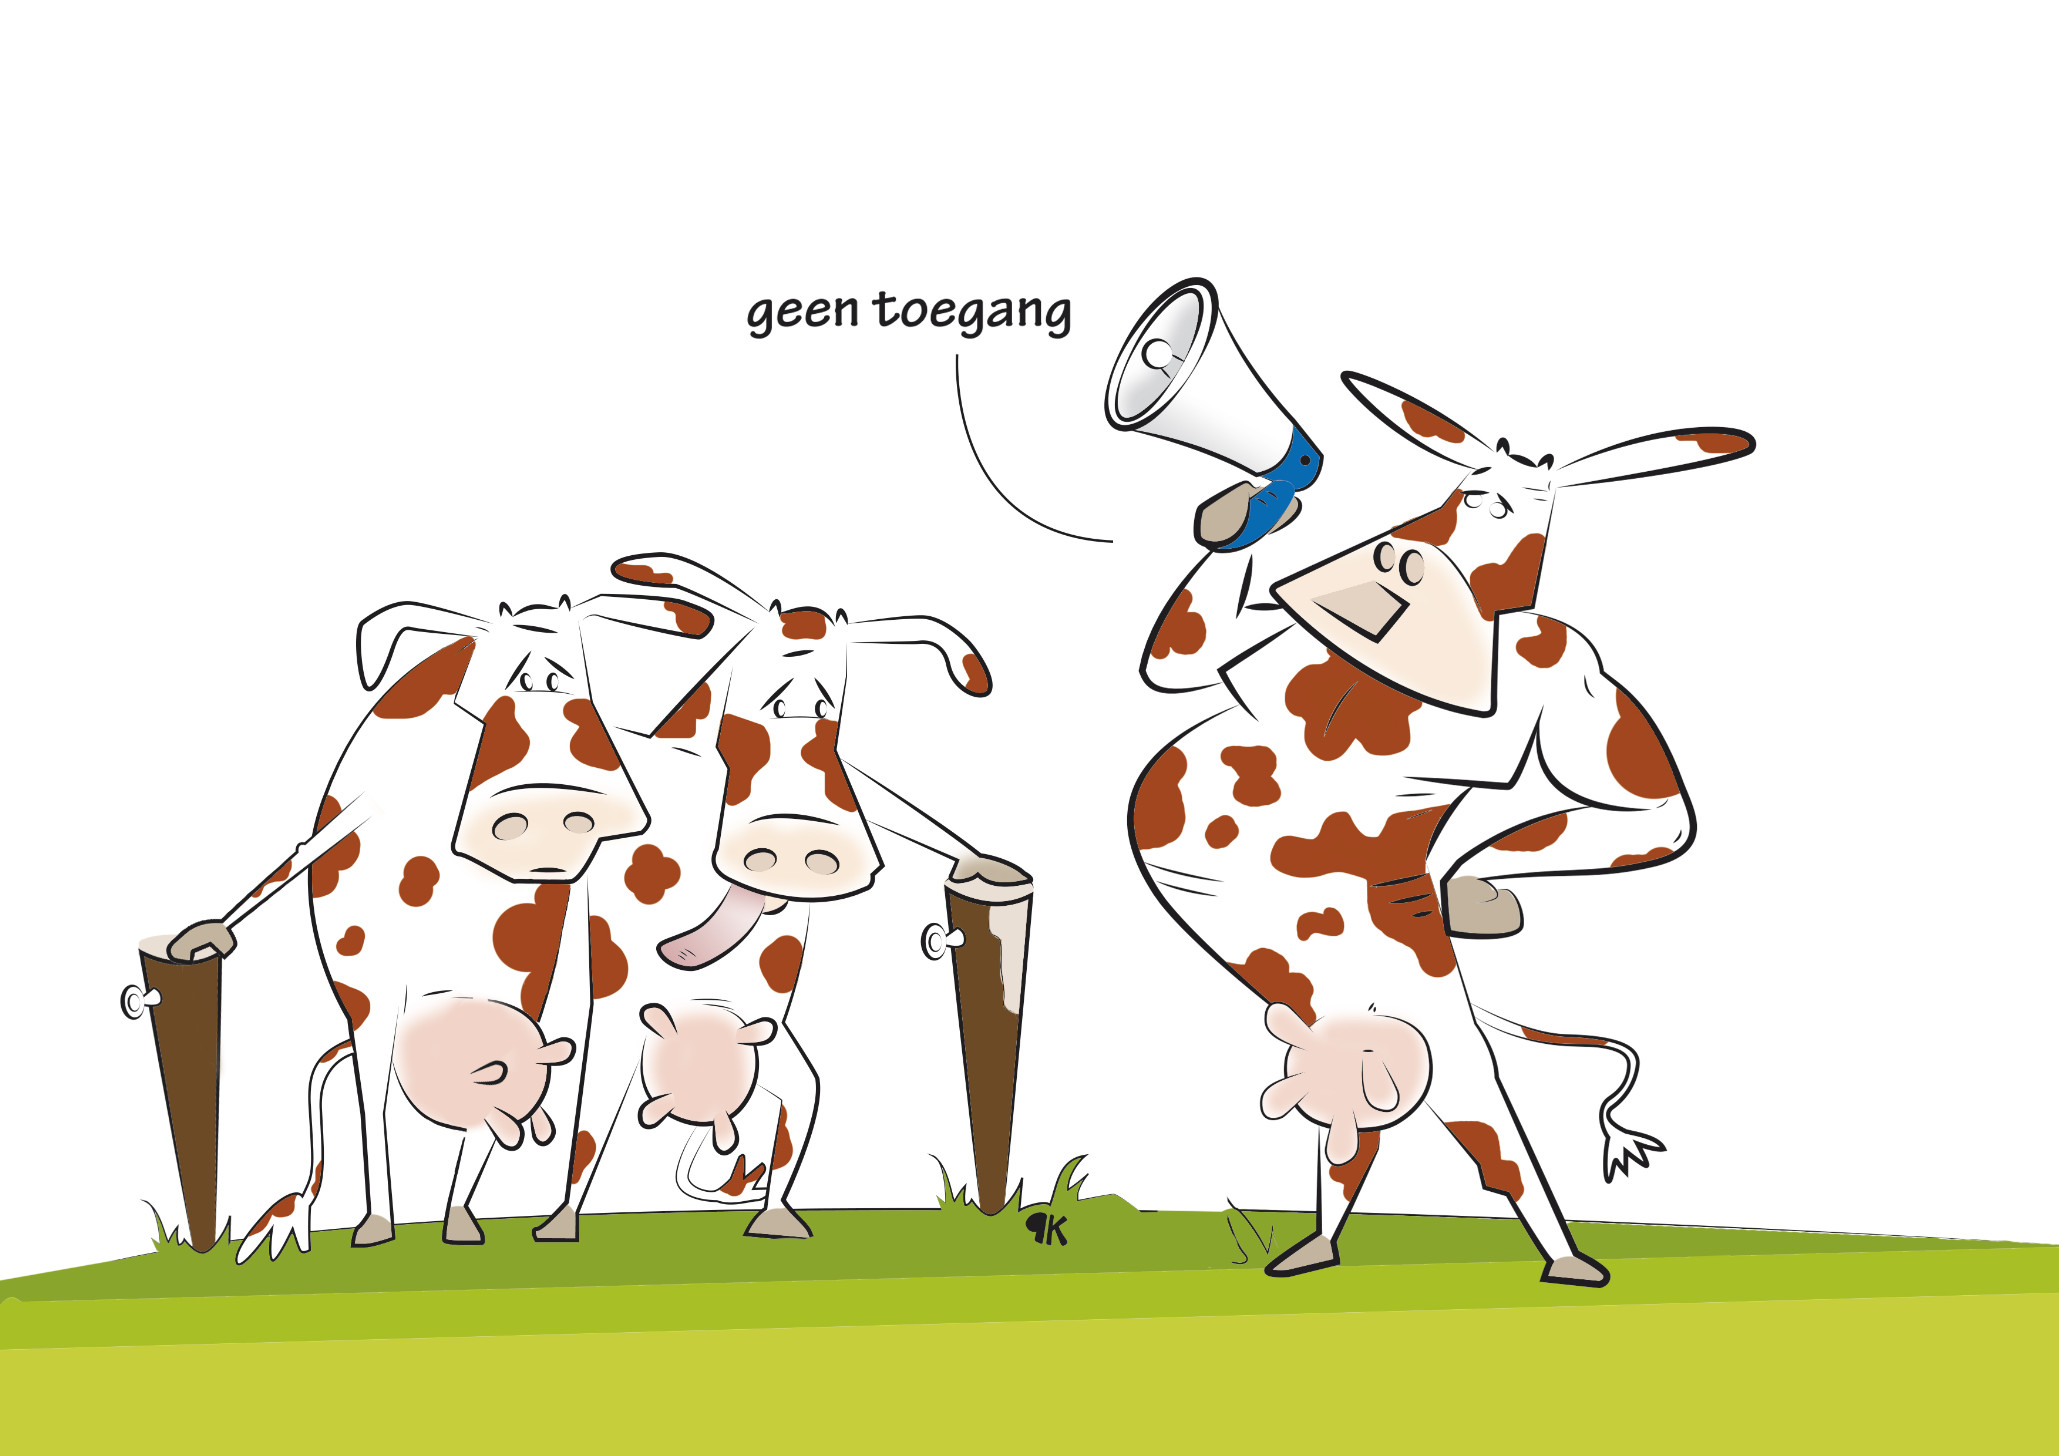 Sector stuurt voorstel aanpassing jongveegetal aan Van Dam